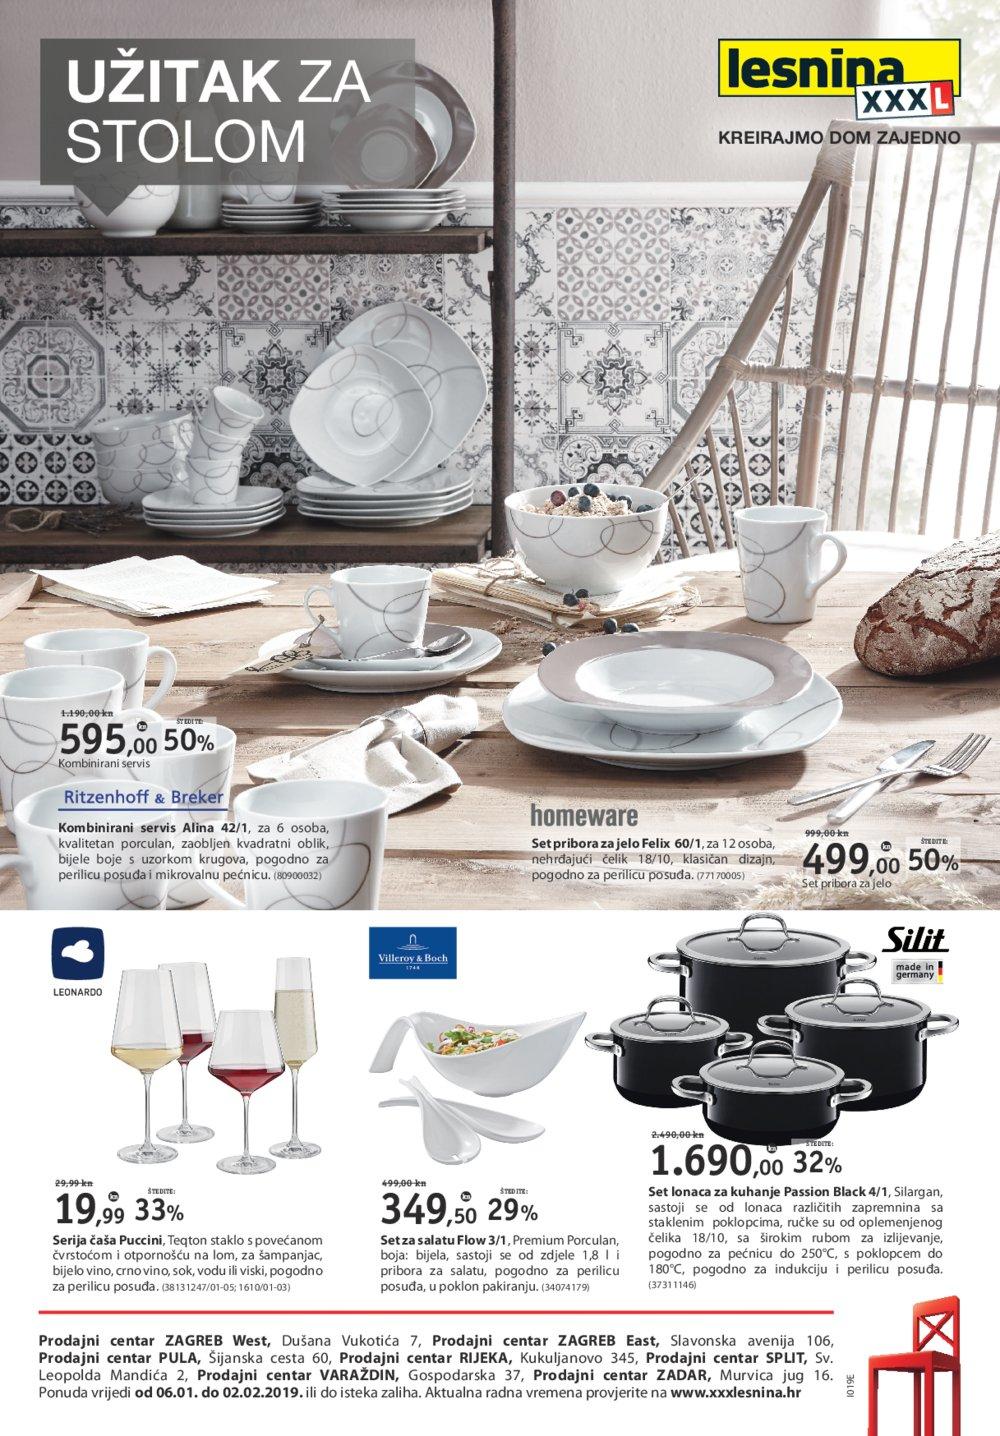 Lesnina letak Užitak za stolom 06.01.-02.02.2019.